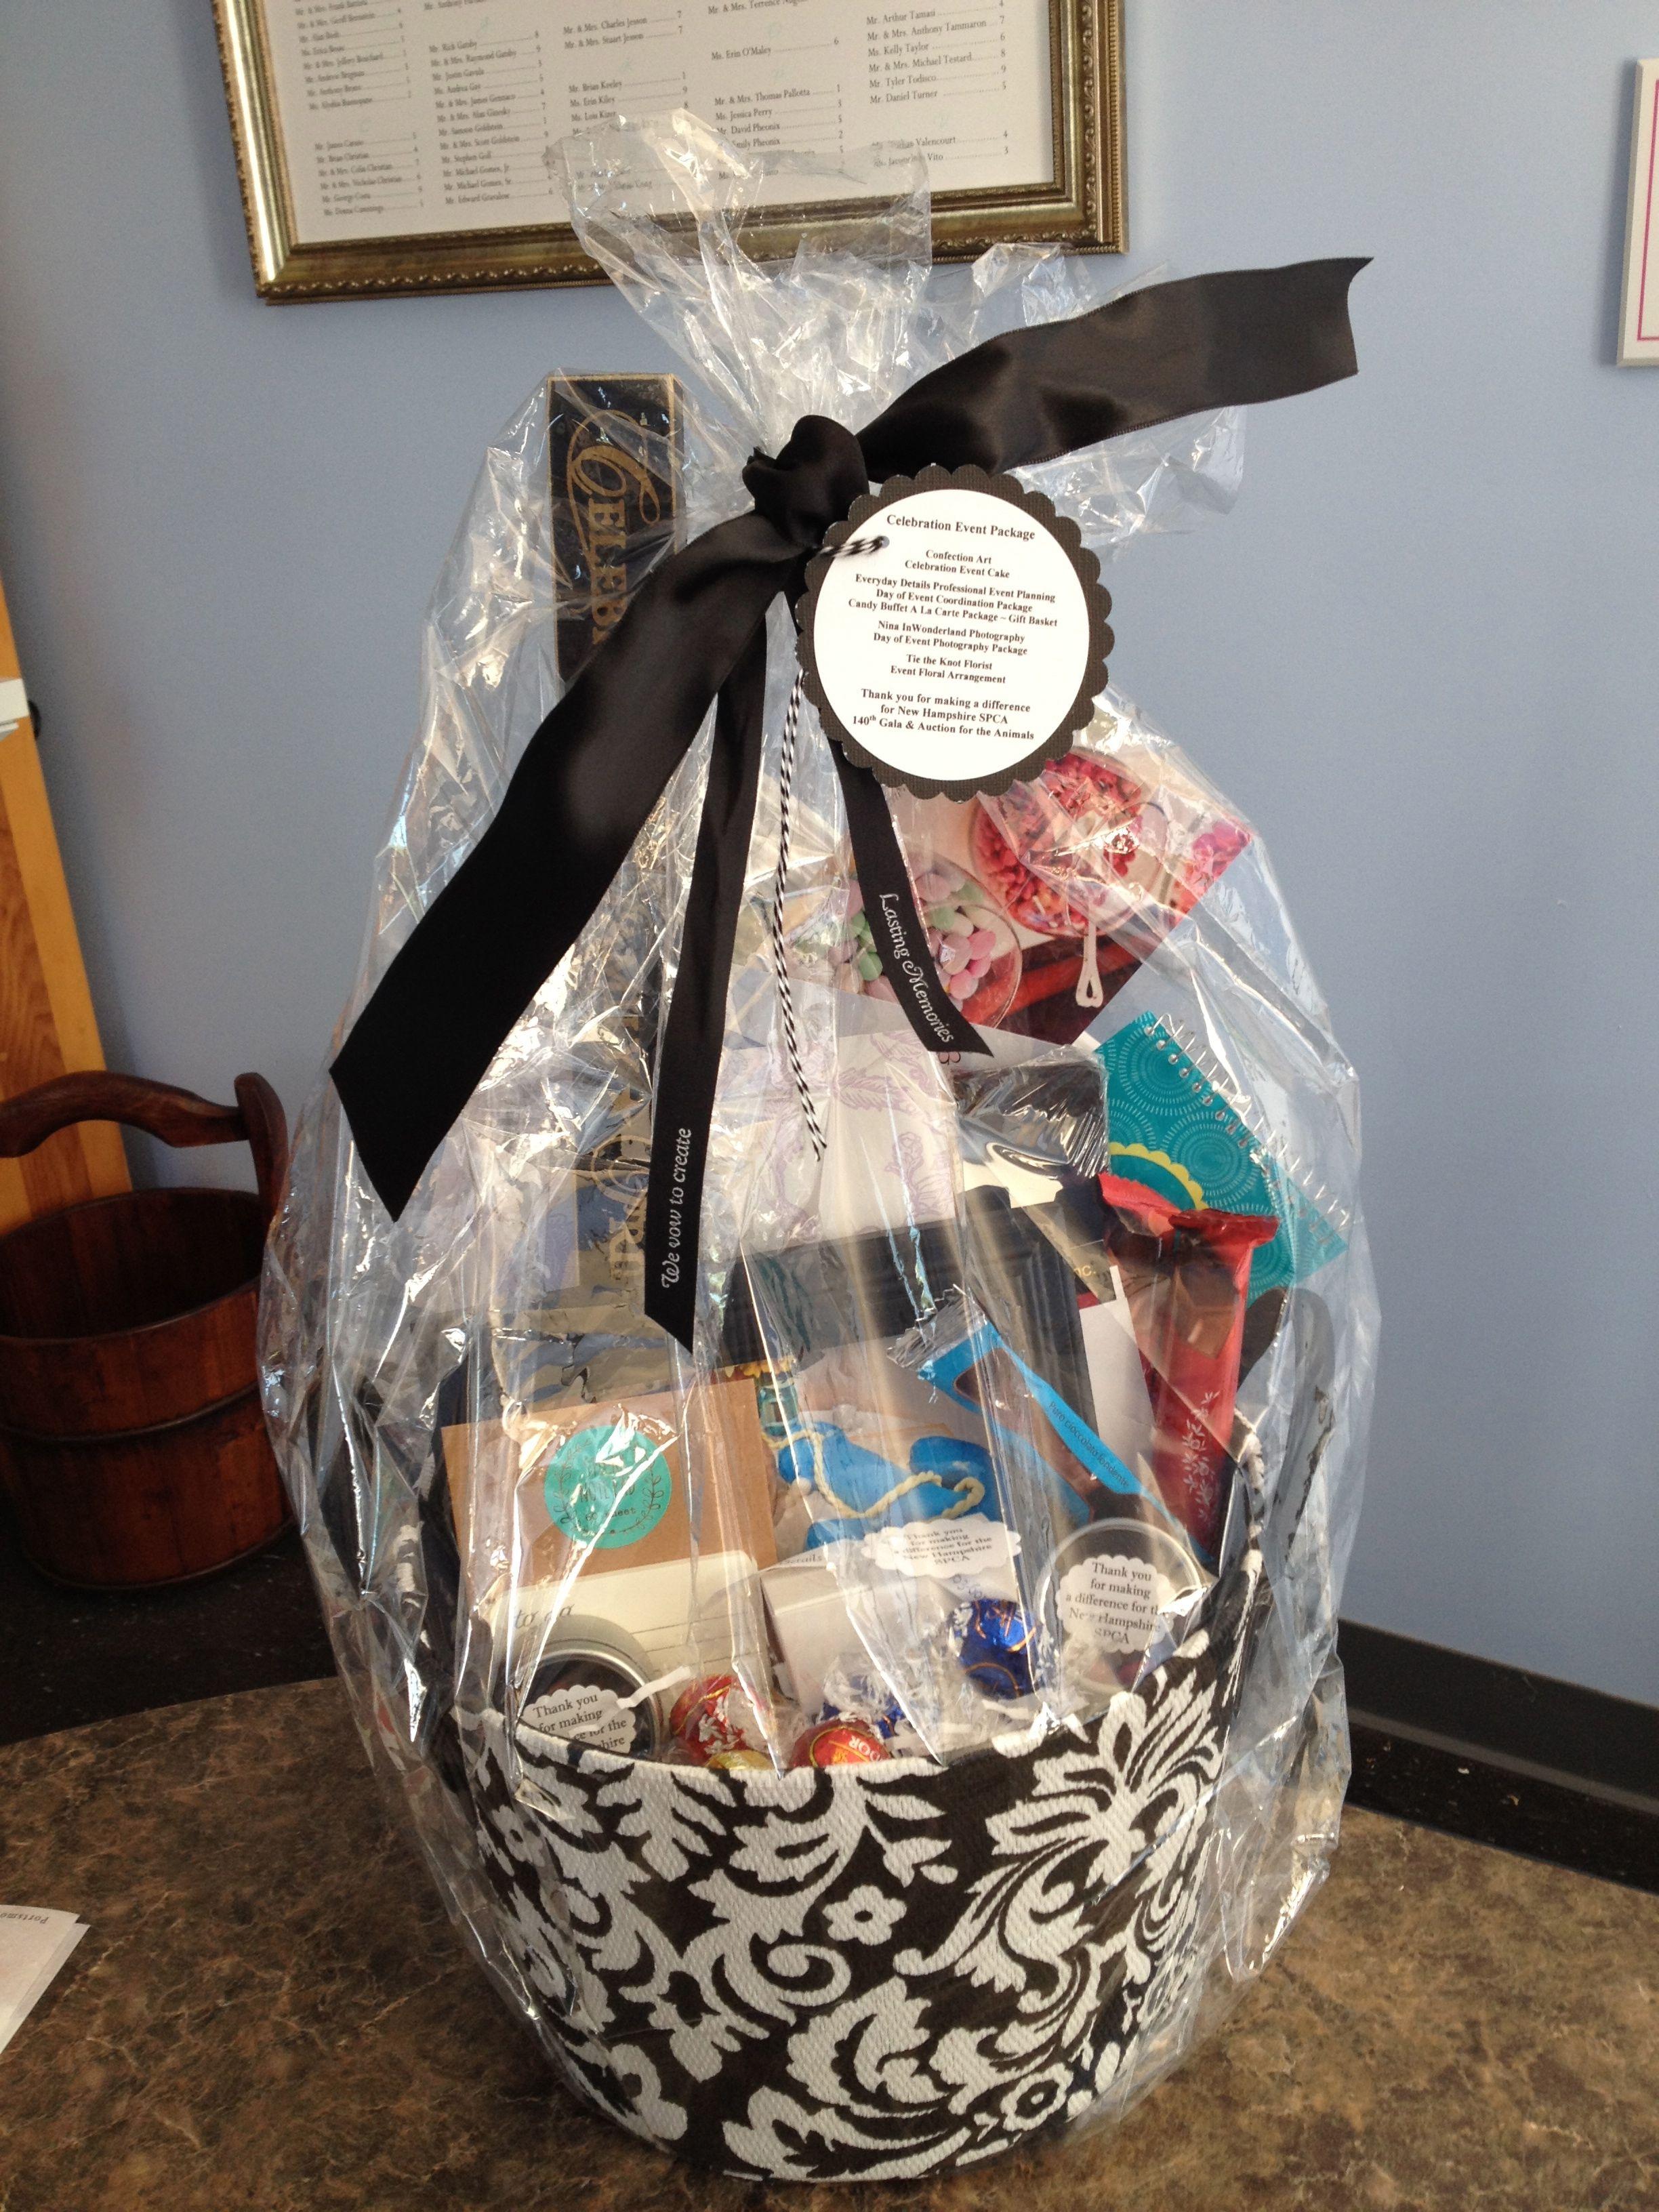 Everyday Details Gift Basket for Super Silent Auction at NH SPCA & Everyday Details Gift Basket for Super Silent Auction at NH SPCA ...